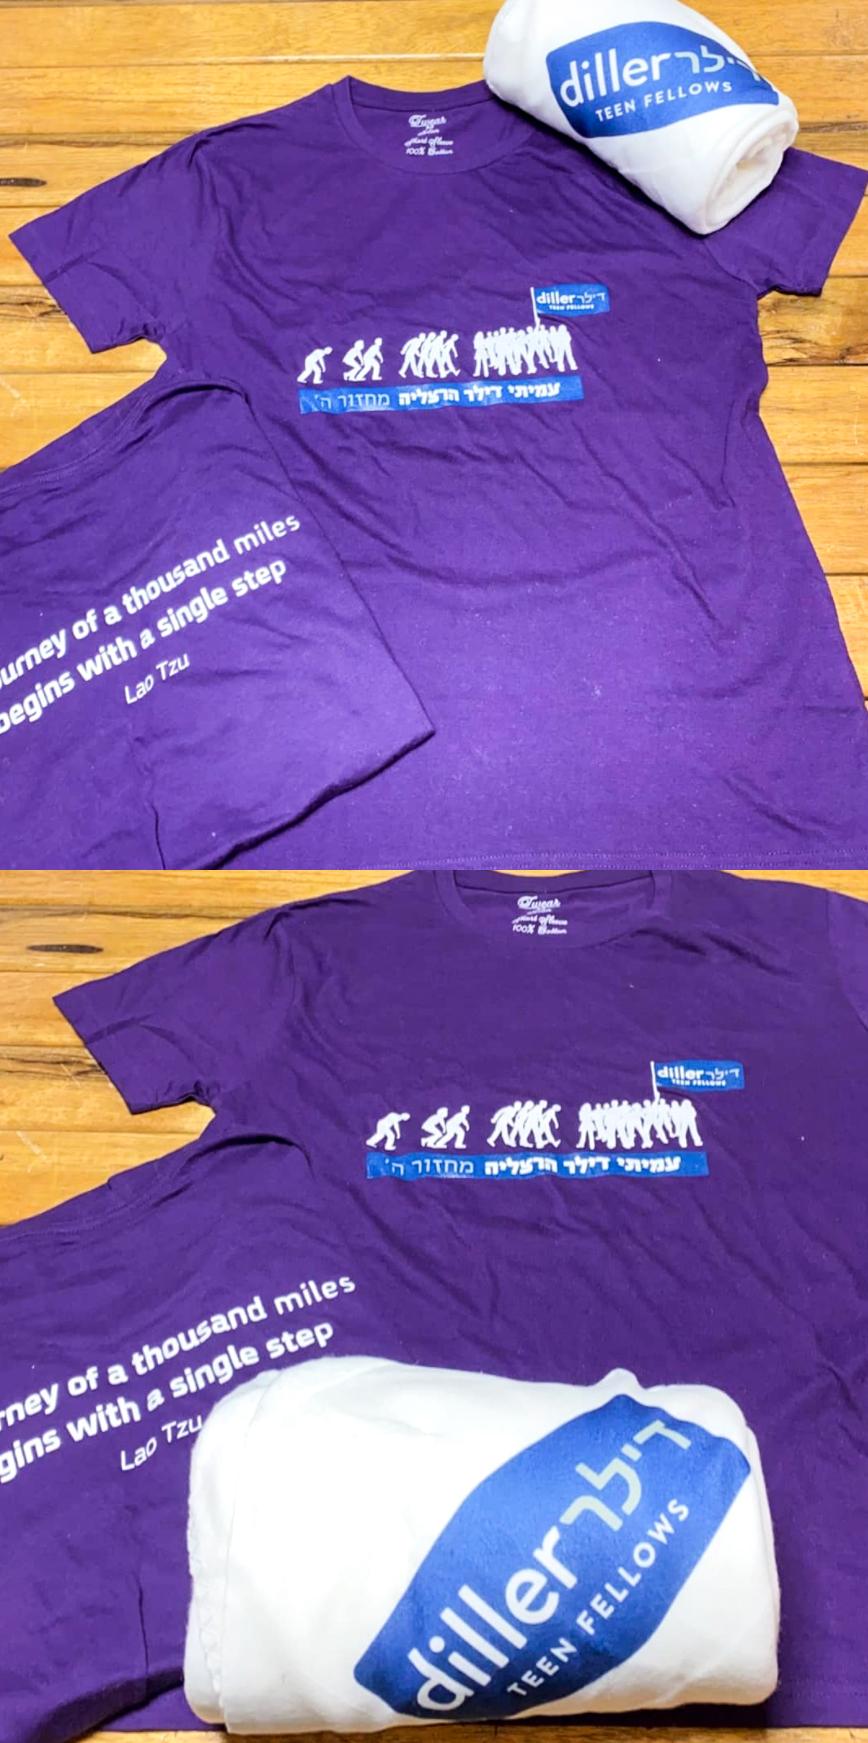 הדפסת משי ב-3 צבעים על חולצות סגולות והדפסה צבעונית על כירבולית עבור דילר הרצליה